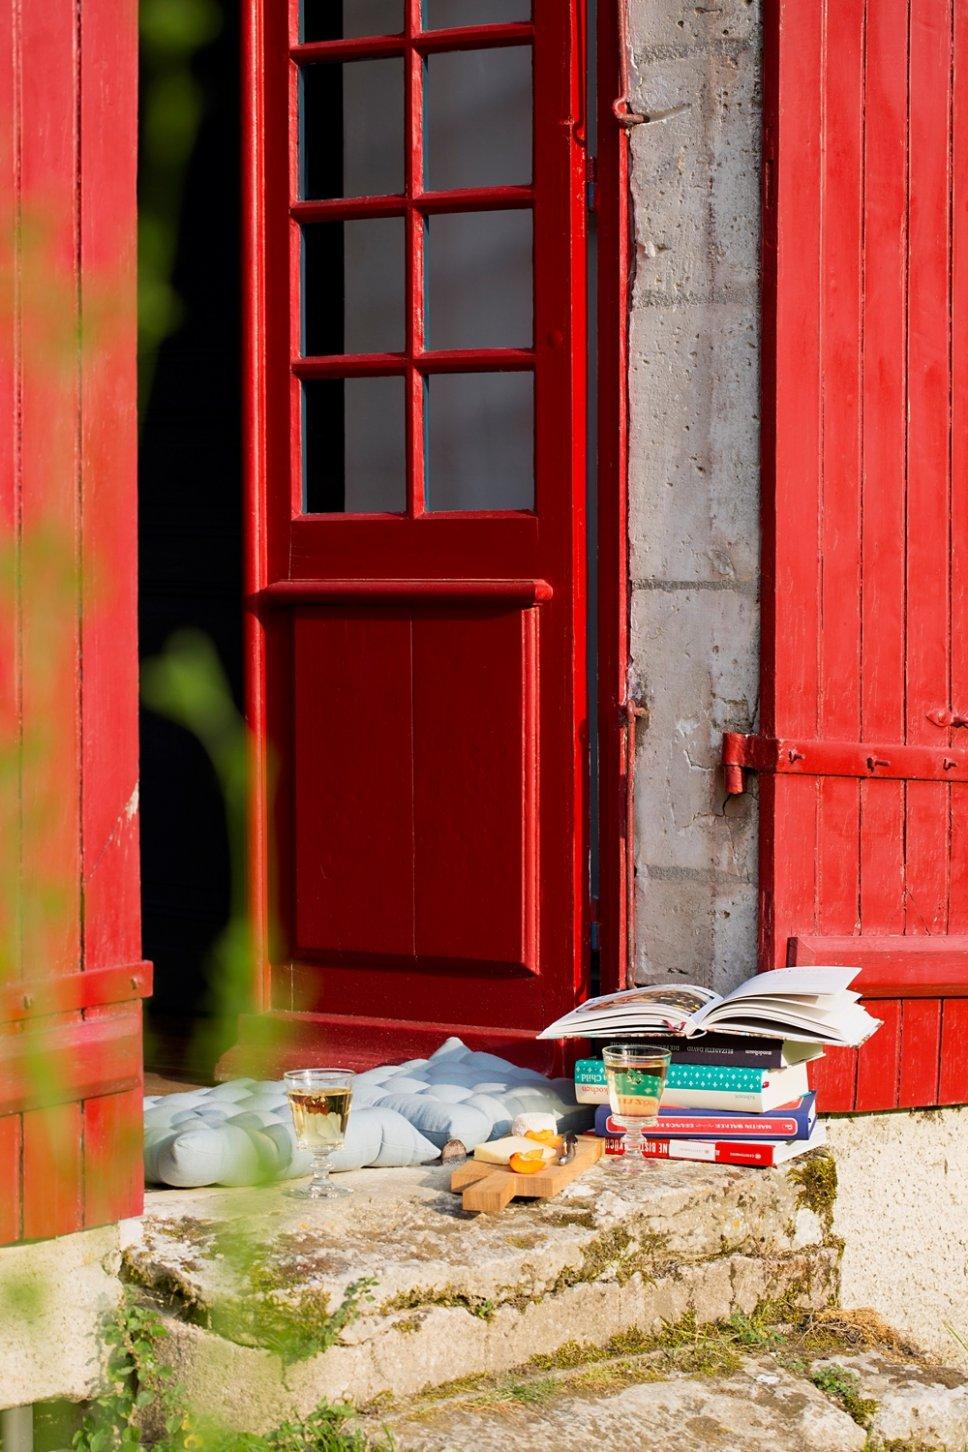 Weingläser, Käsebrett, Bücher und bunte Sitzkissen auf Türschwelle in altem französischen Landhaus